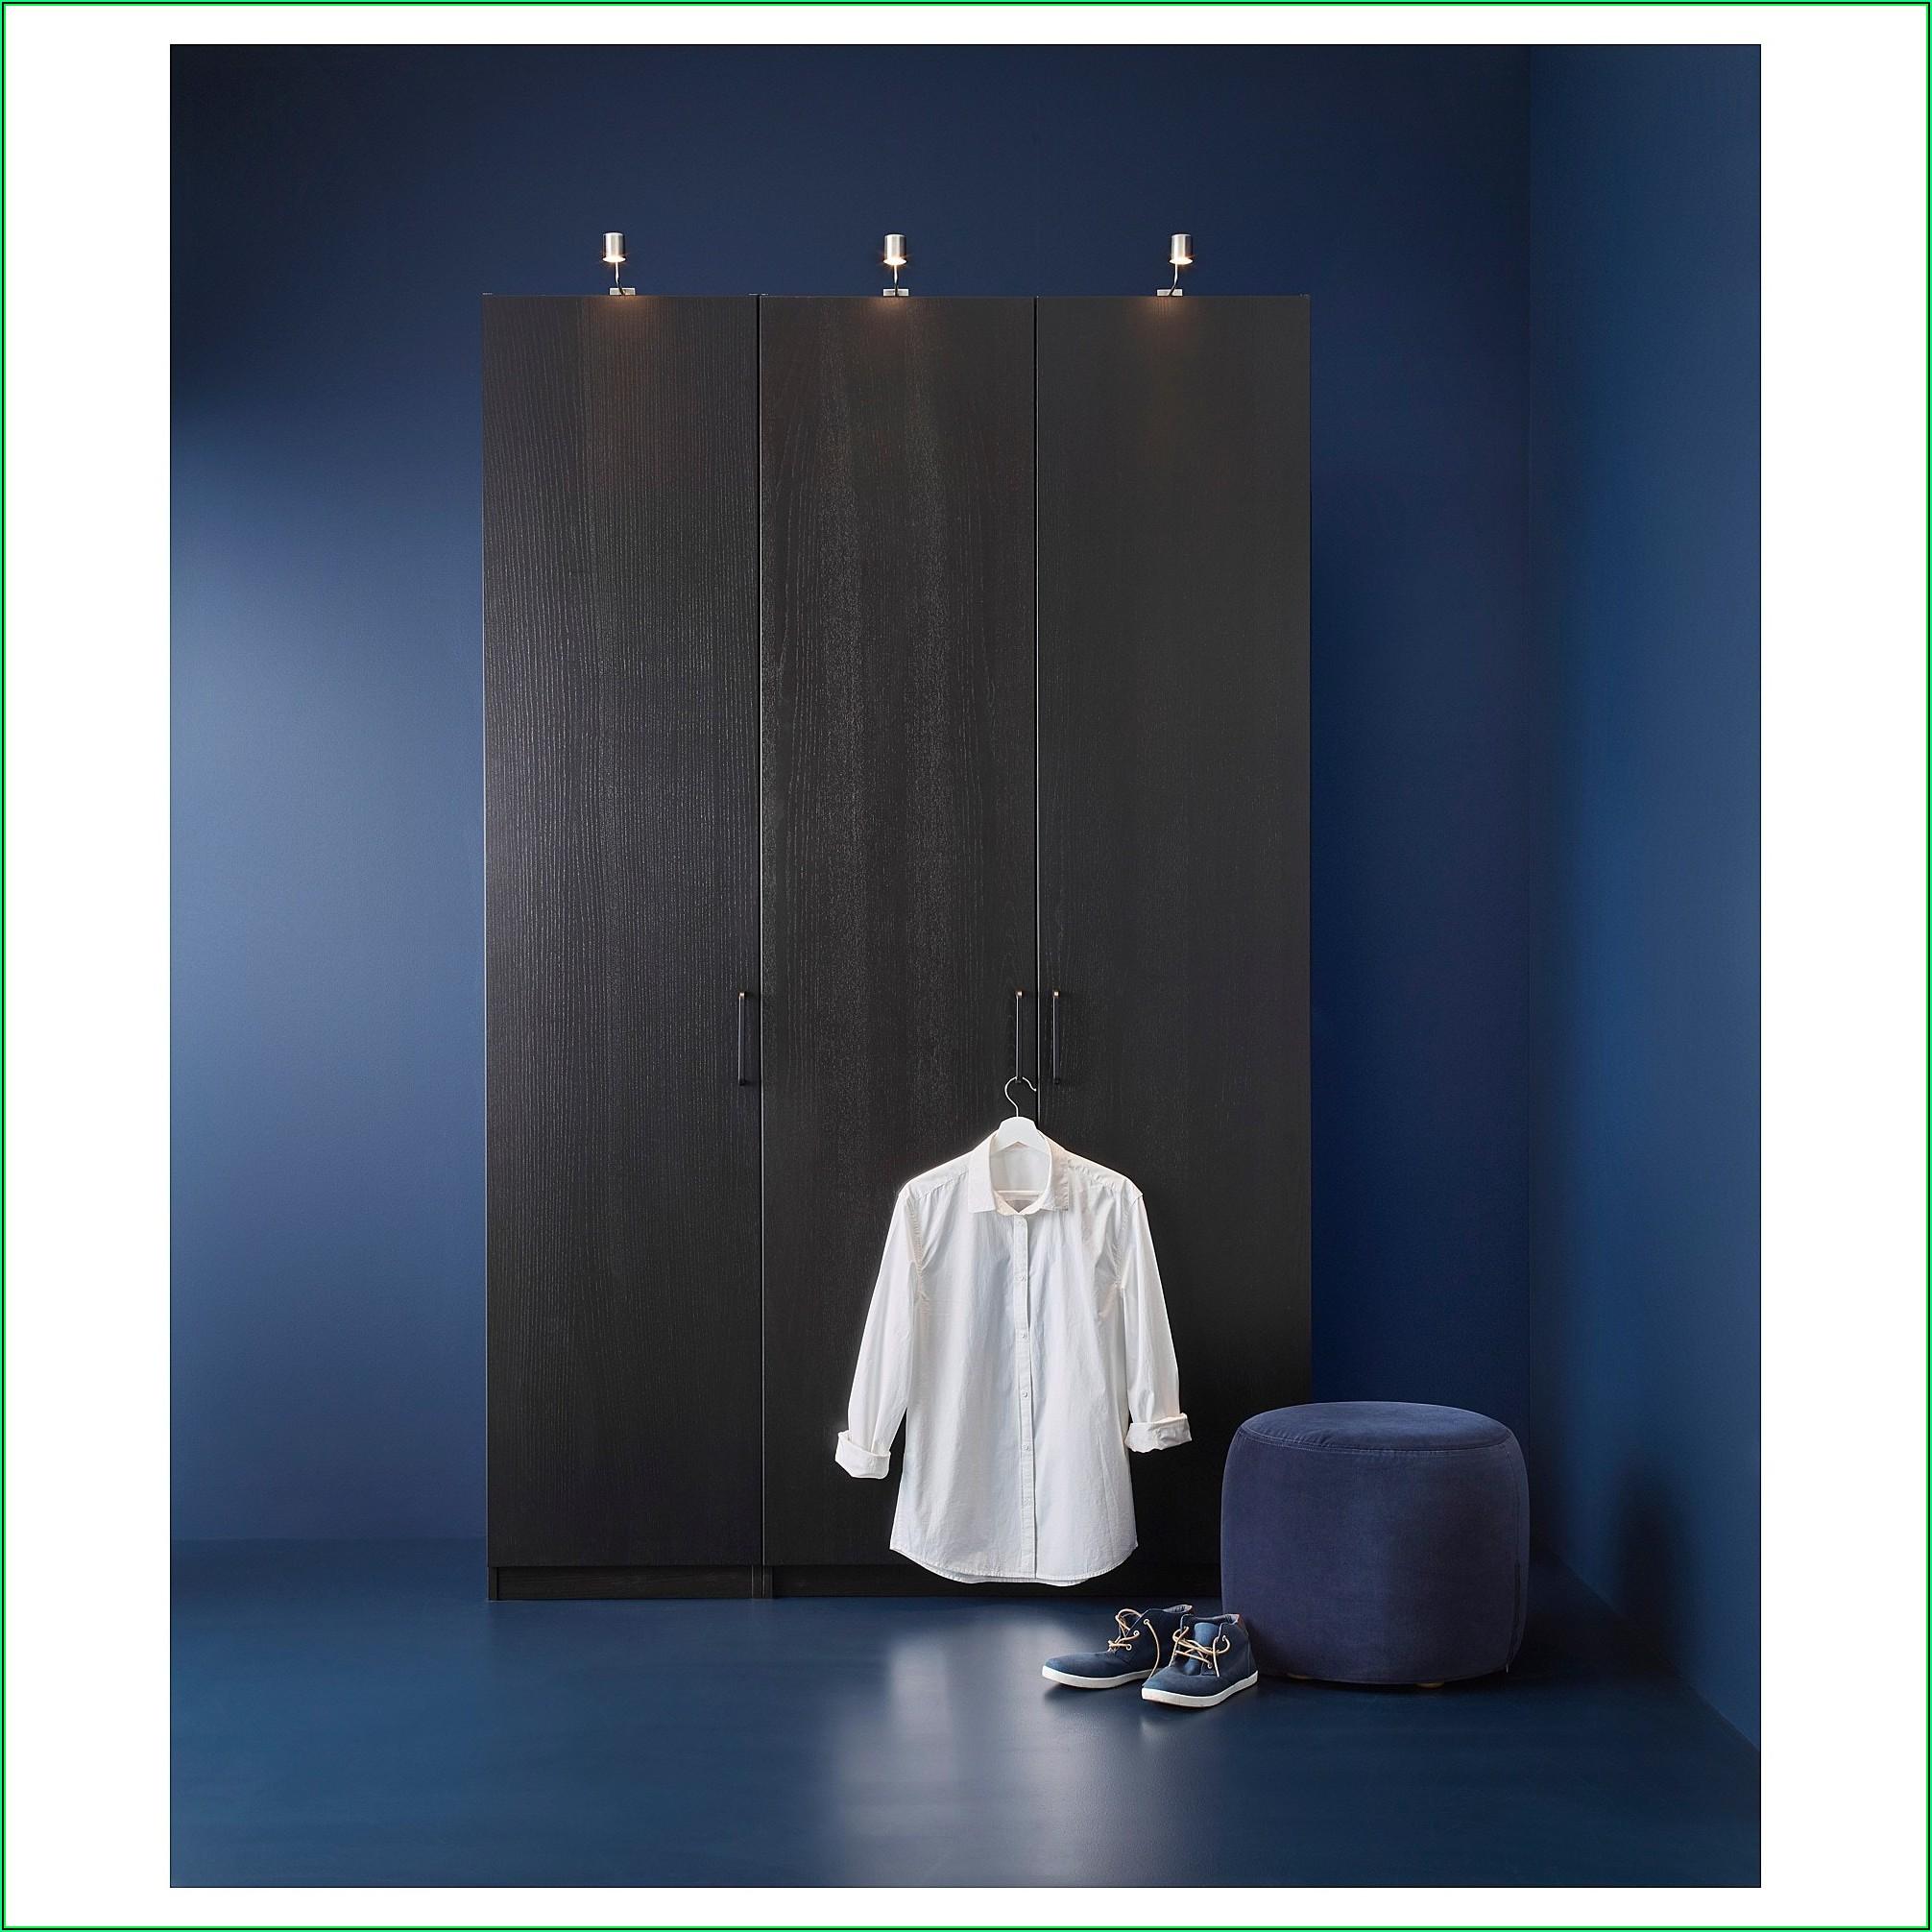 Ikea Schlafzimmer Serien